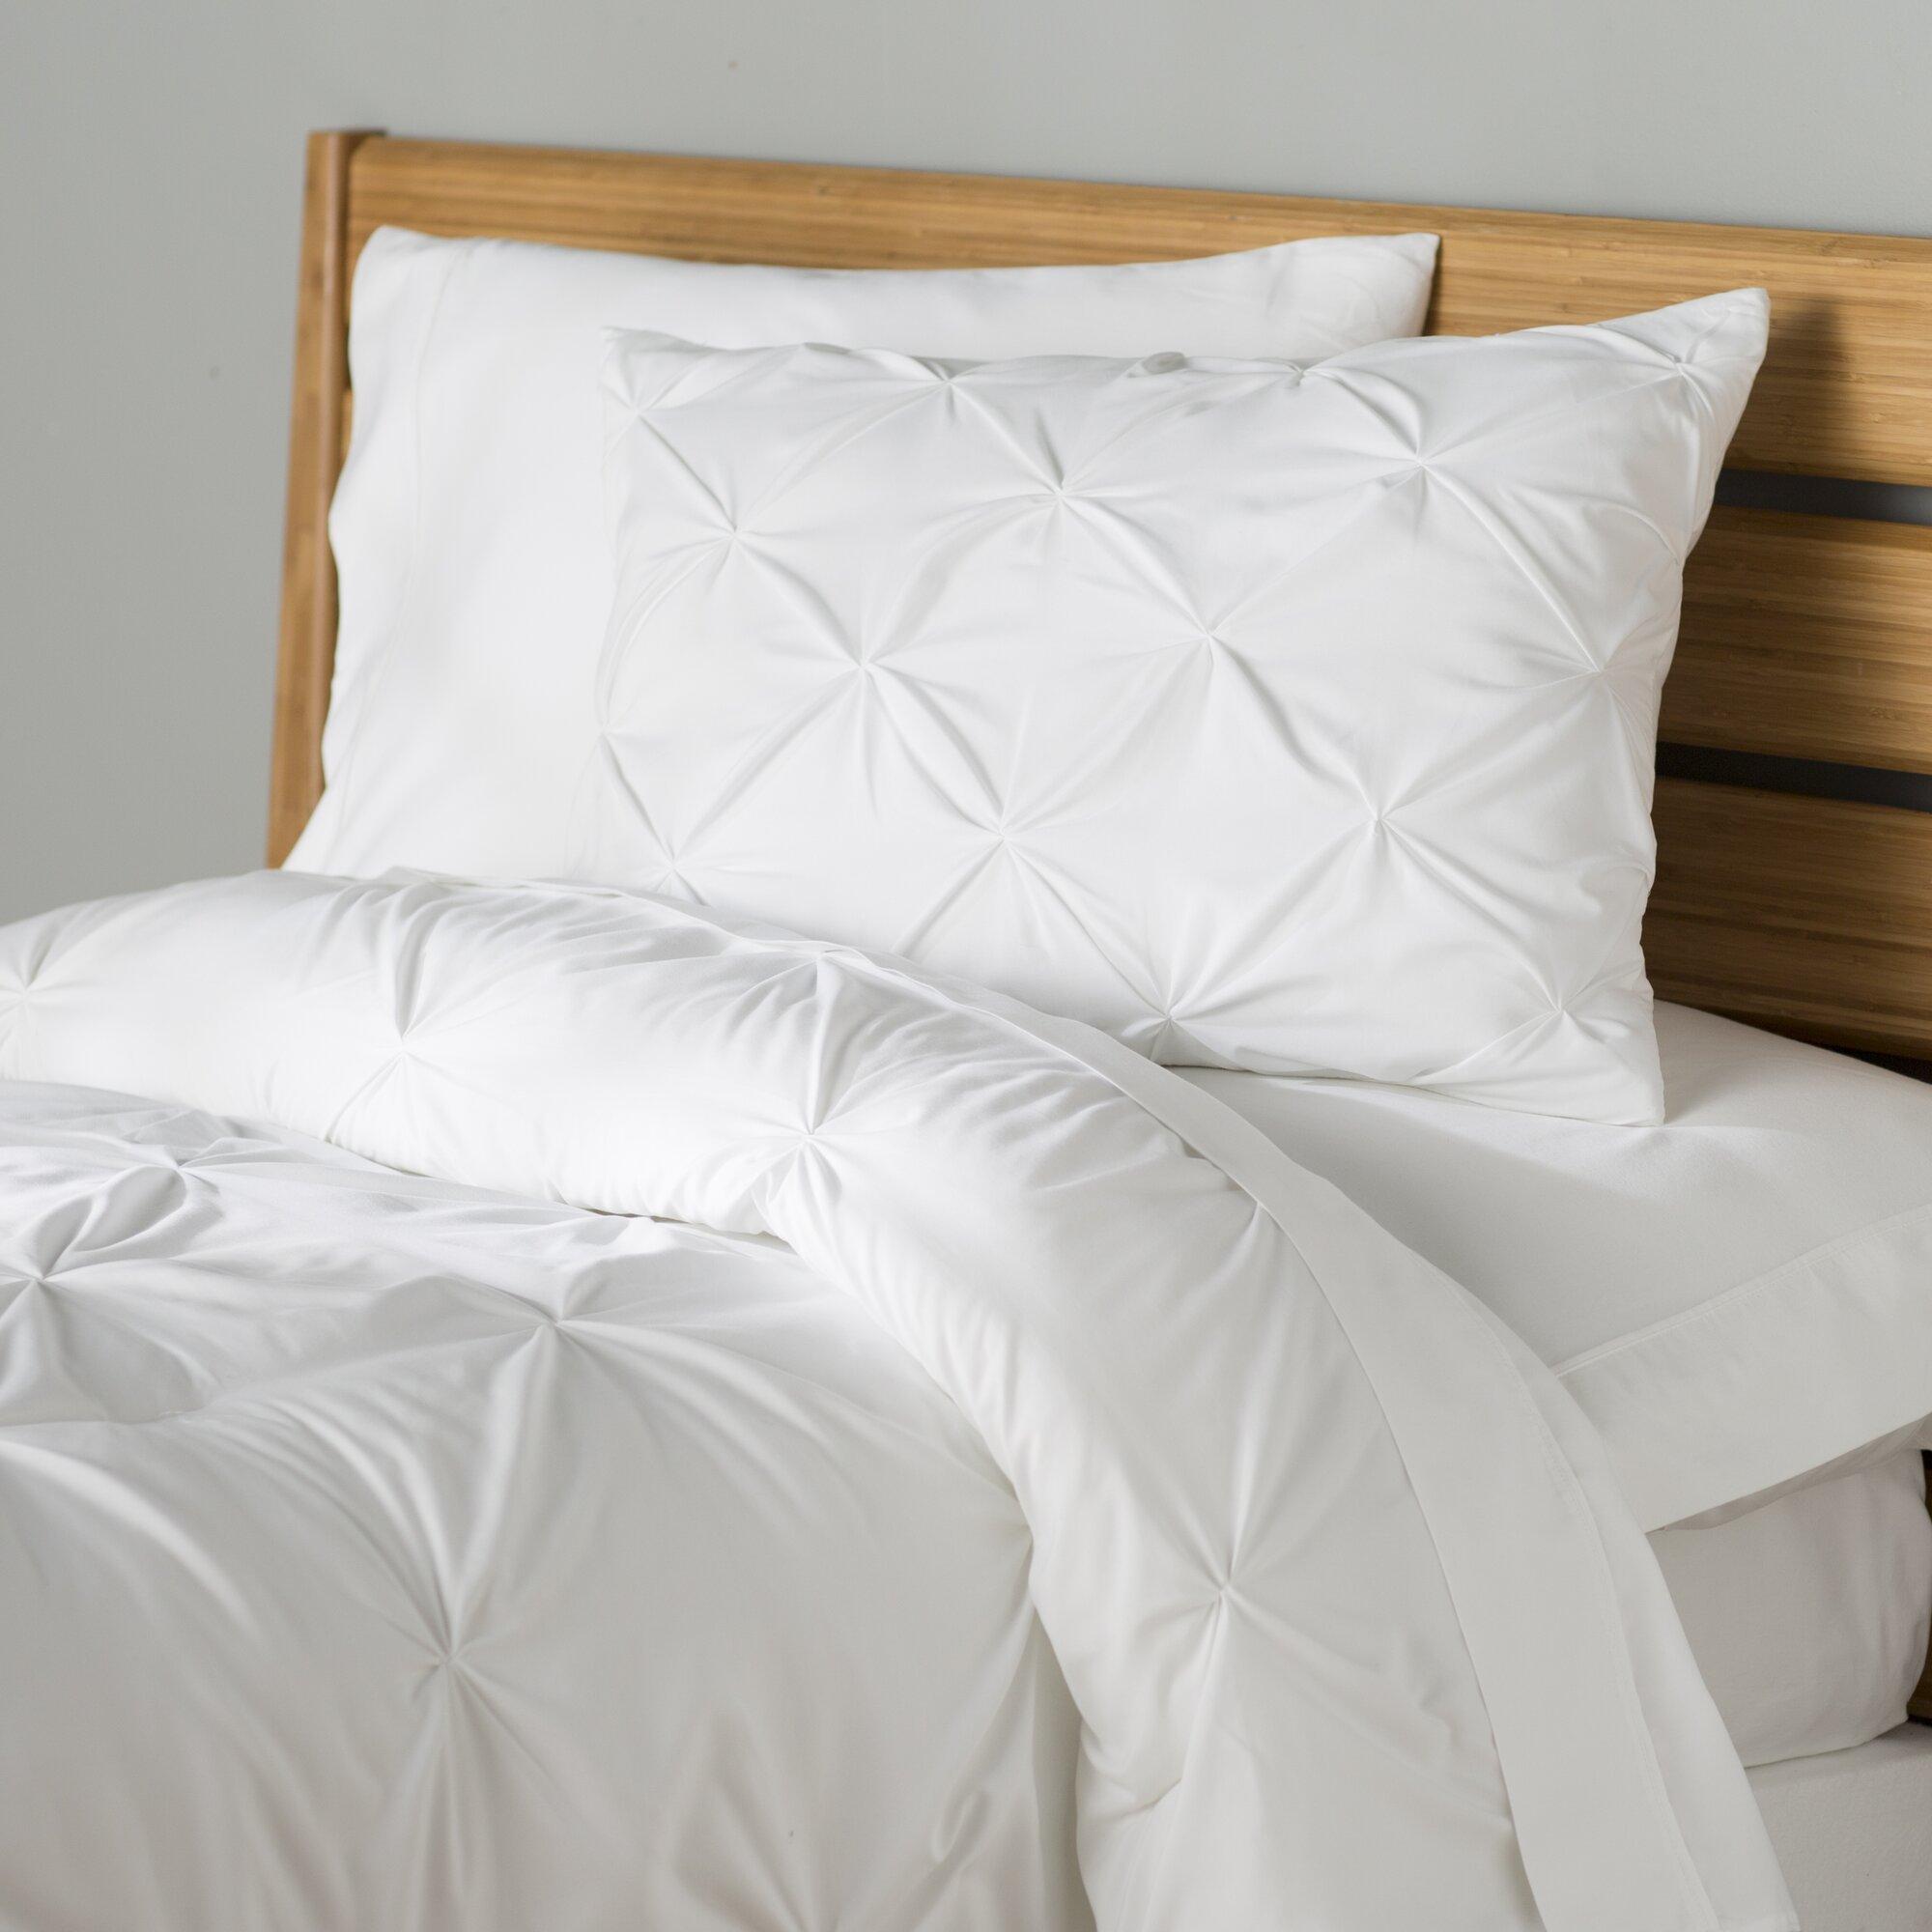 Twin bedding guest room - Fulham Comforter Set